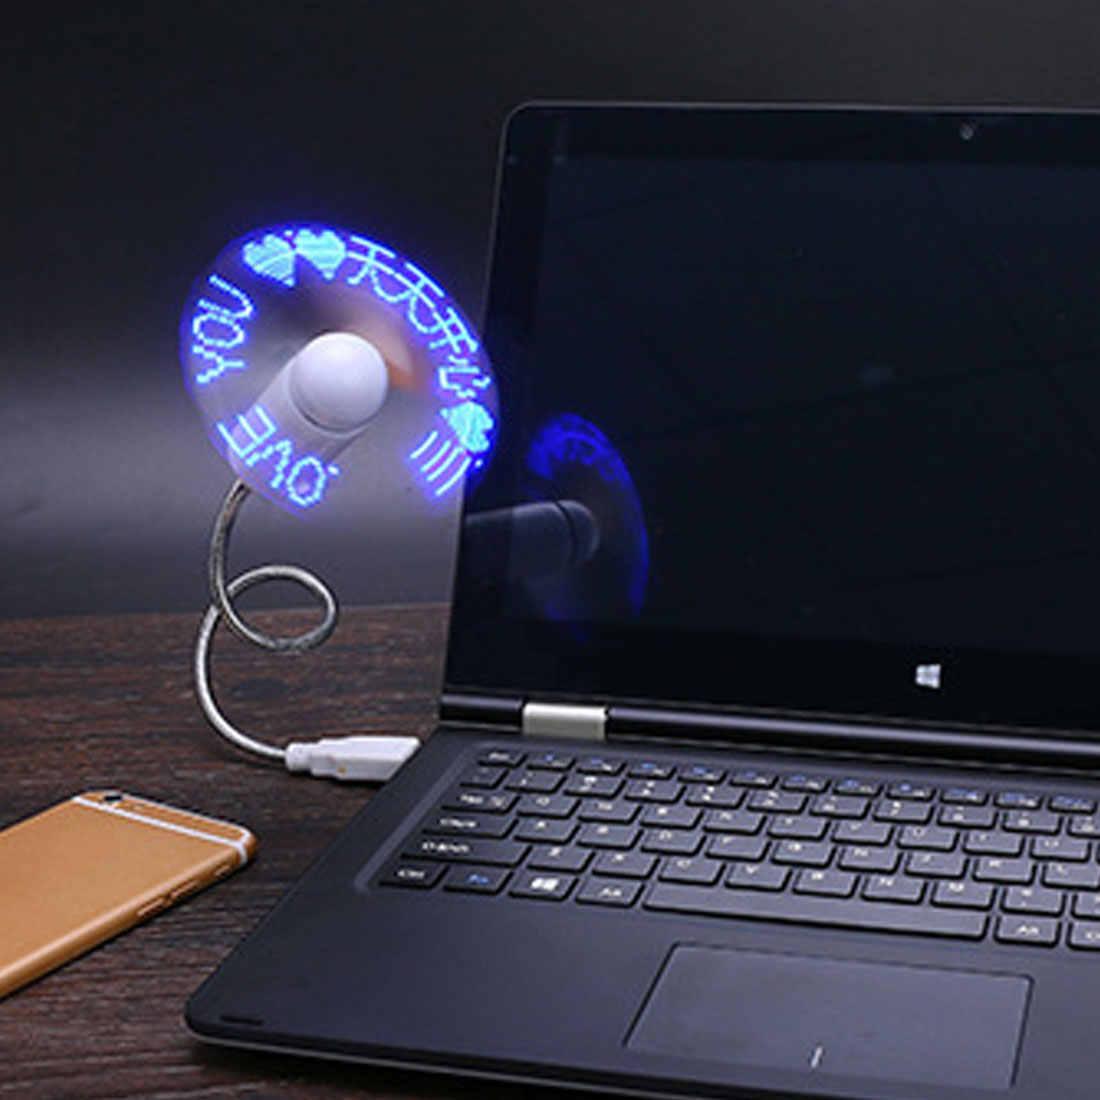 مصغرة USB الادوات DIY برمجة مروحة مرنة LED نافذة مشبكة أي النص الكلمات الإعلان الطابع